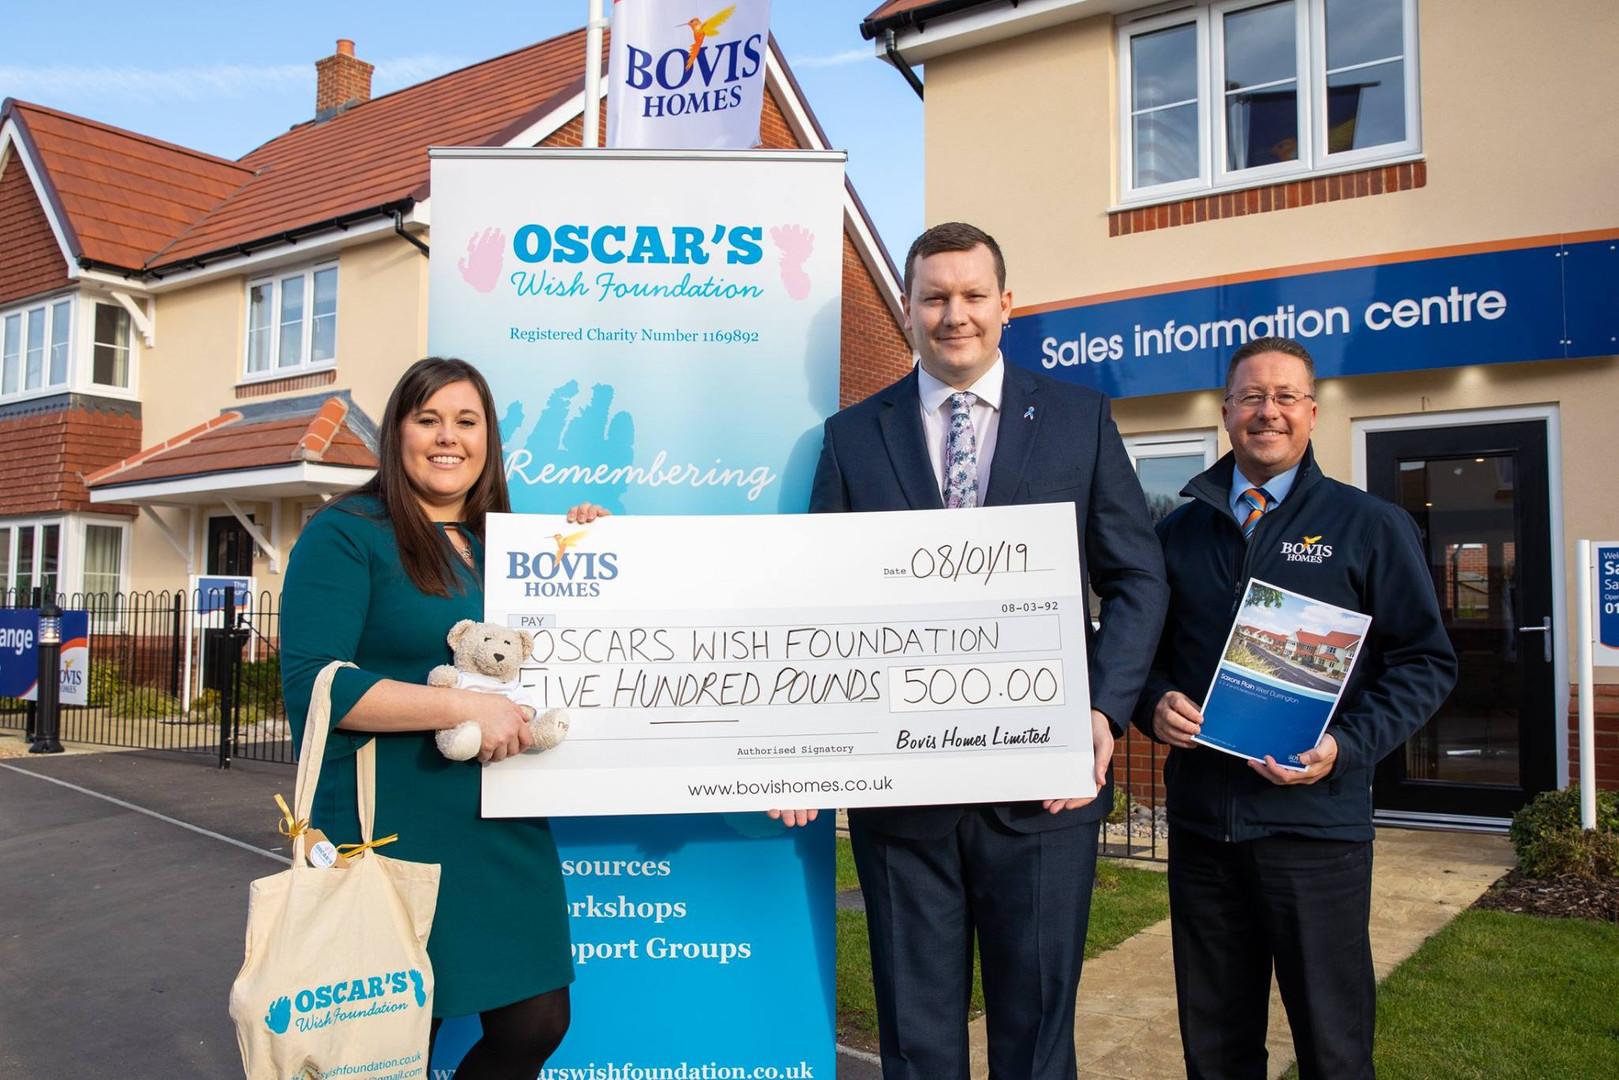 Gemma Kybert receiving a cheque from Bovis Homes